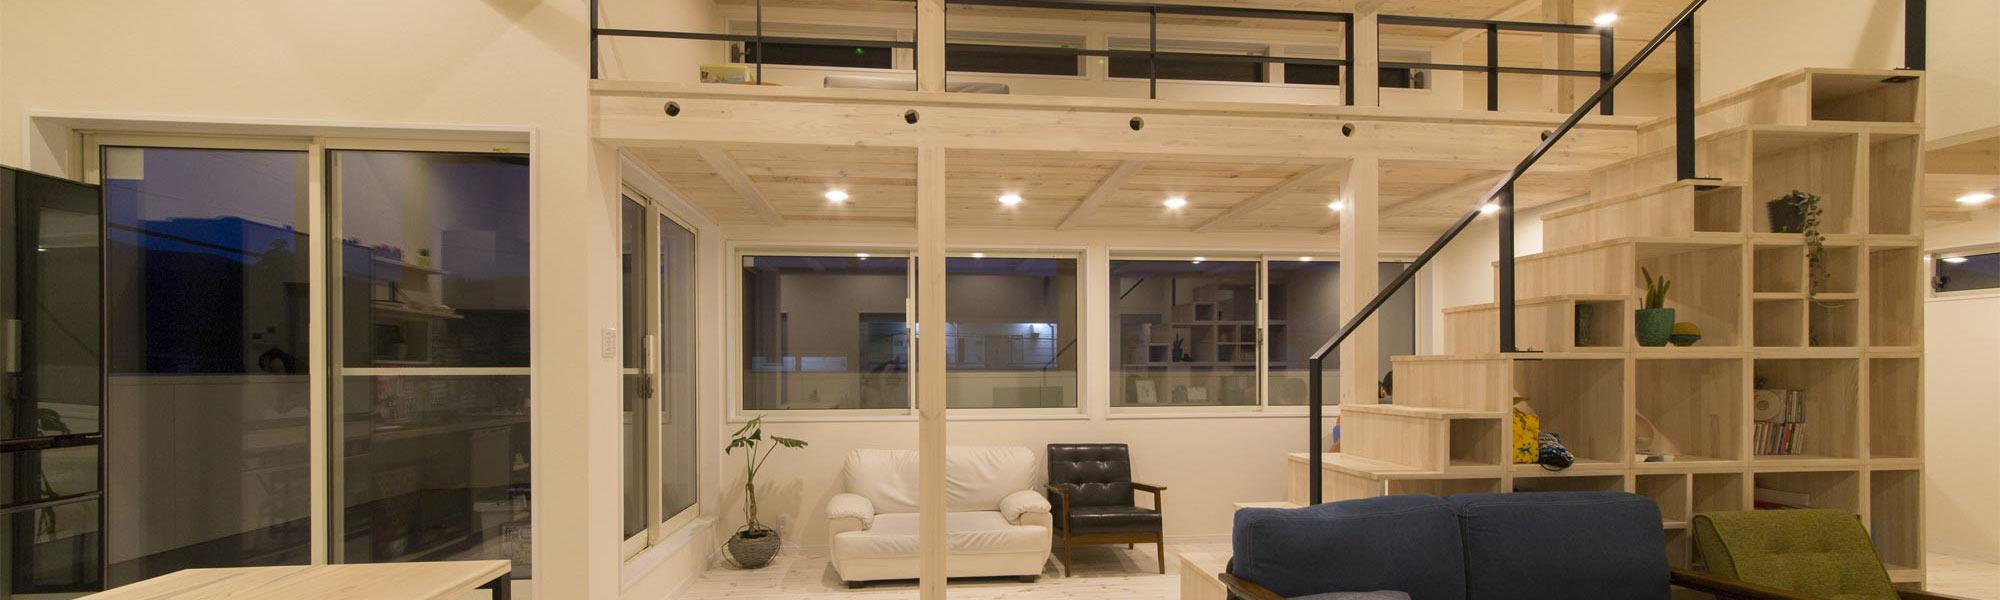 タツマ アーキテクチャ デザインは自由な発想の家づくりをします